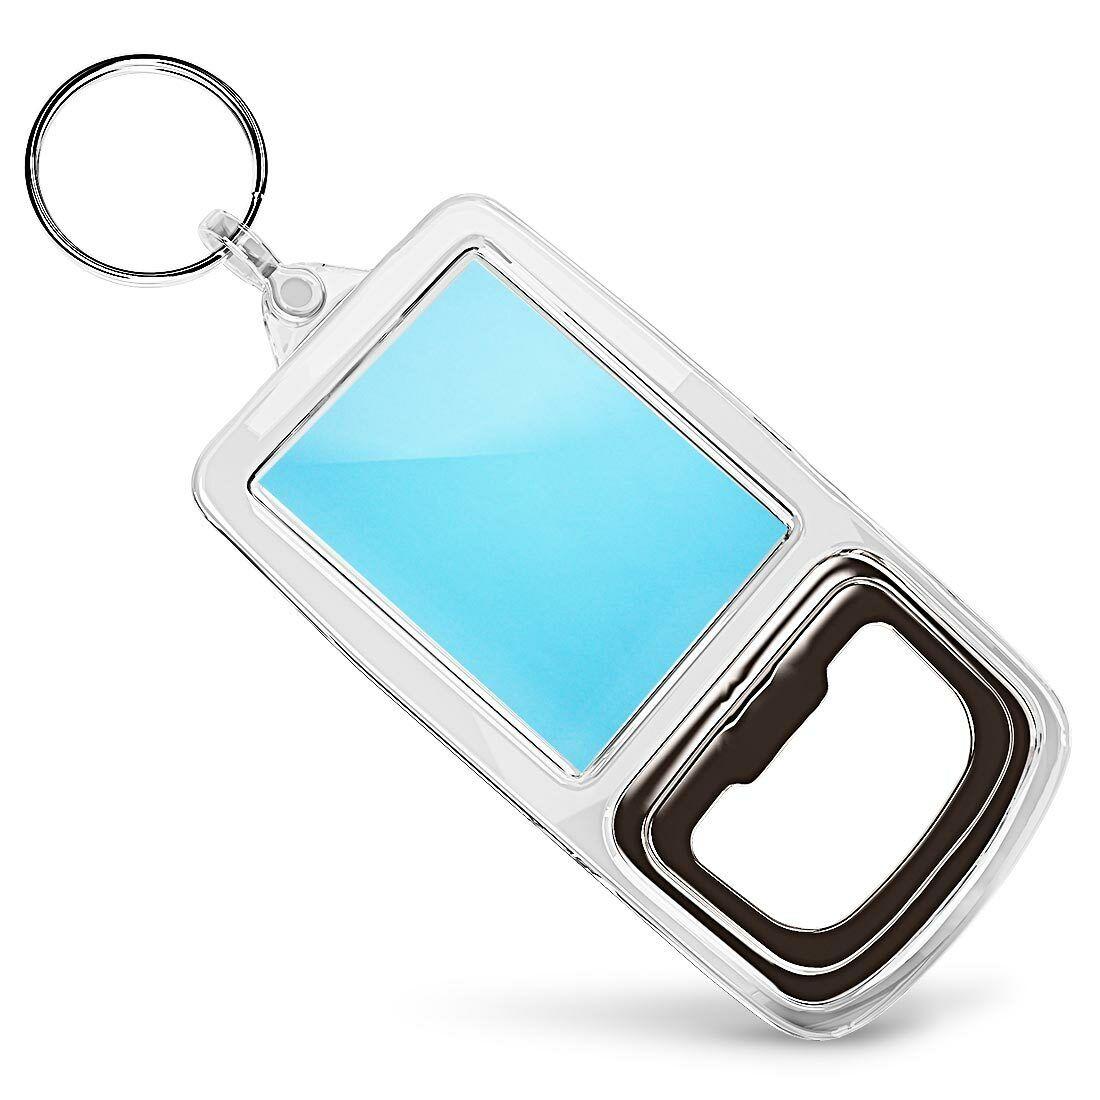 Acrylic Bottle Opener Keyring - Light Blue Pastel Colour Background #21261